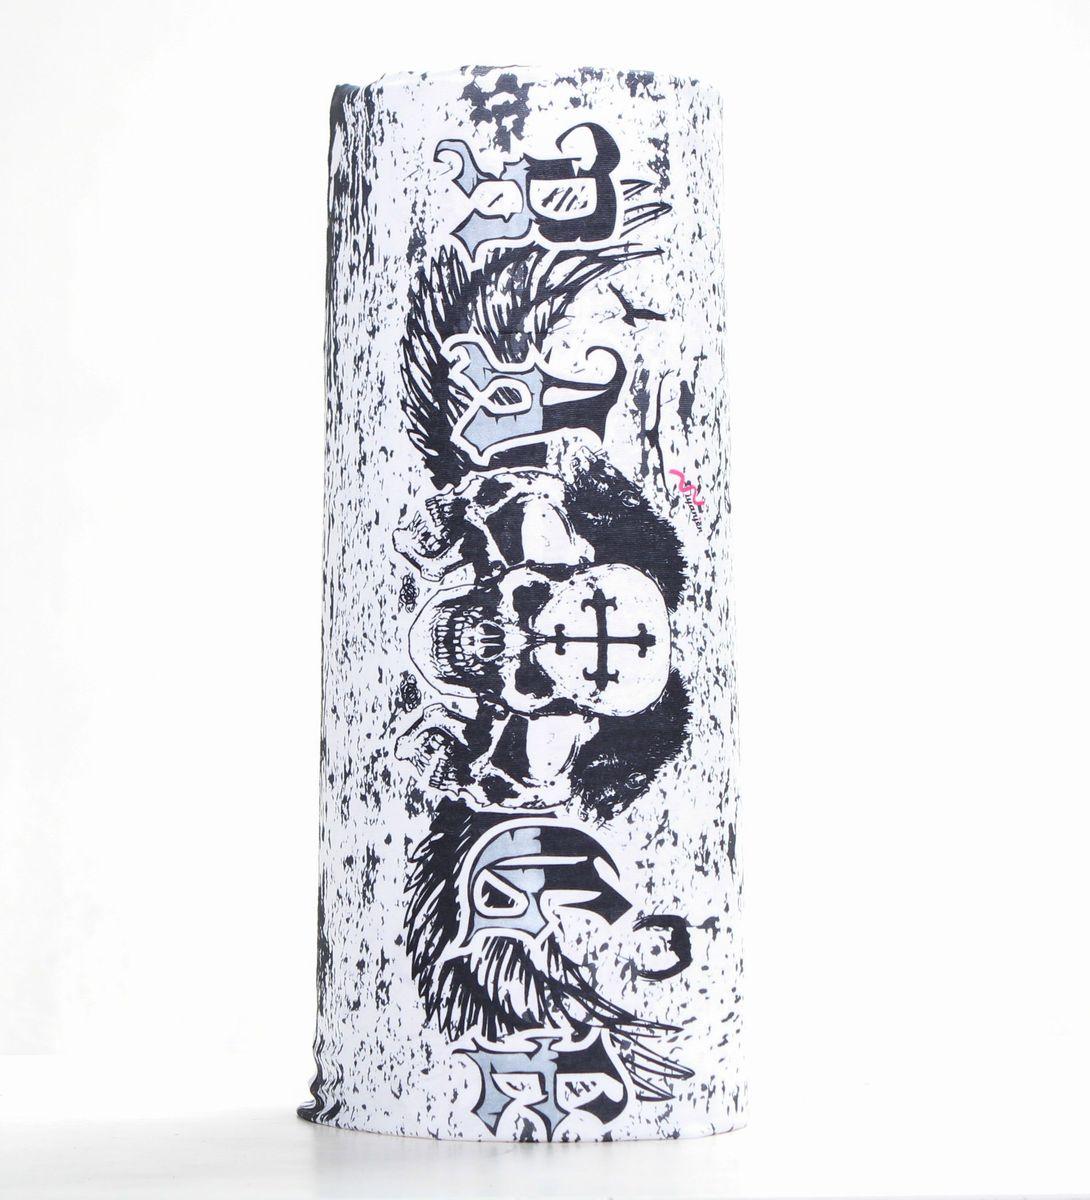 Шарф15-2Мультишарфы можно встретить под разными названиями: мультишарф, мультибандана, платок трансформер, Baff, но вне зависимости от того как Вы назовете этот аксессуар, его уникальные возможности останутся неизменными. Вы с легкостью и удобством можете одеть этот мультишарф на голову и шею 12 различными способами. В сильные морозы, пронизывающий ветер или пыльную бурю - с мультишарфом Вы будуте готовы к любым капризам природы Авторская работа.